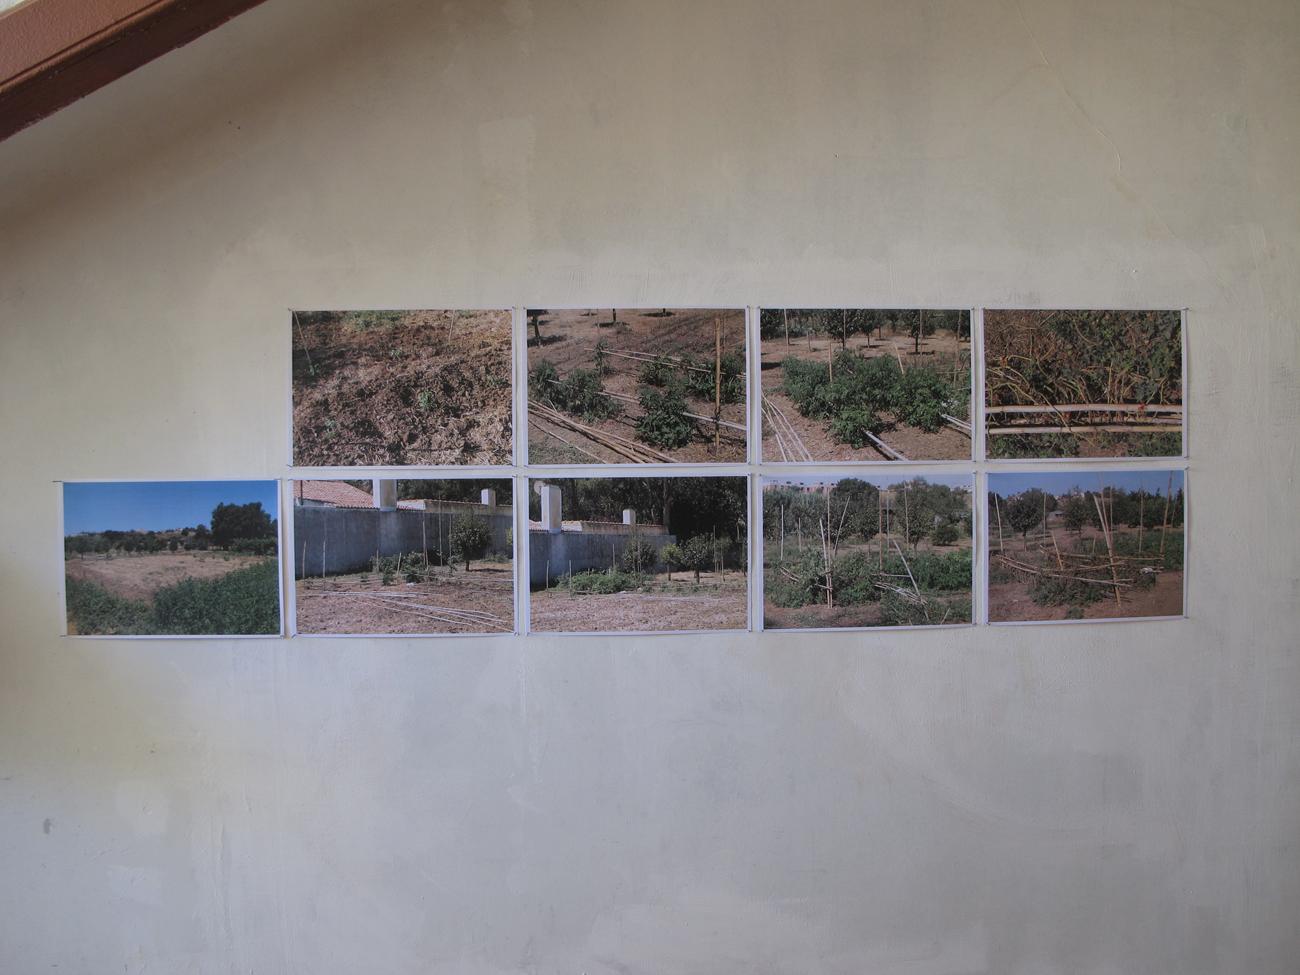 photos of veggie plot on wall